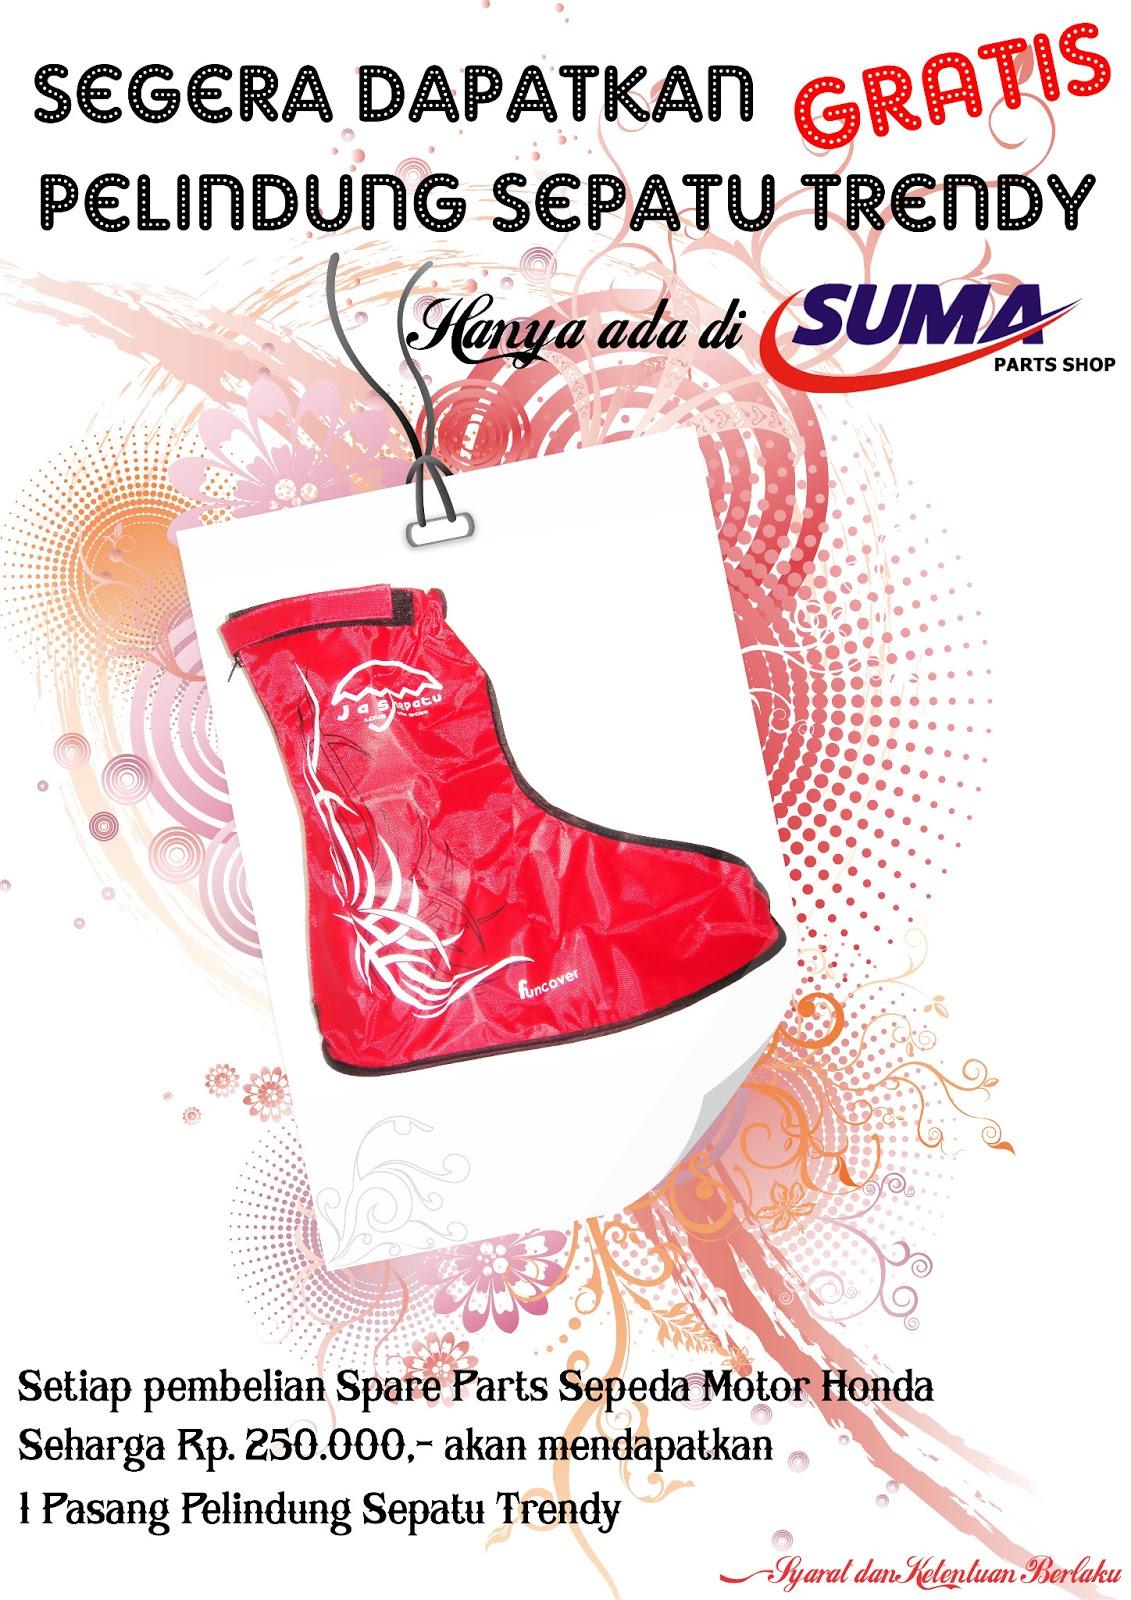 Suma Parts Shop